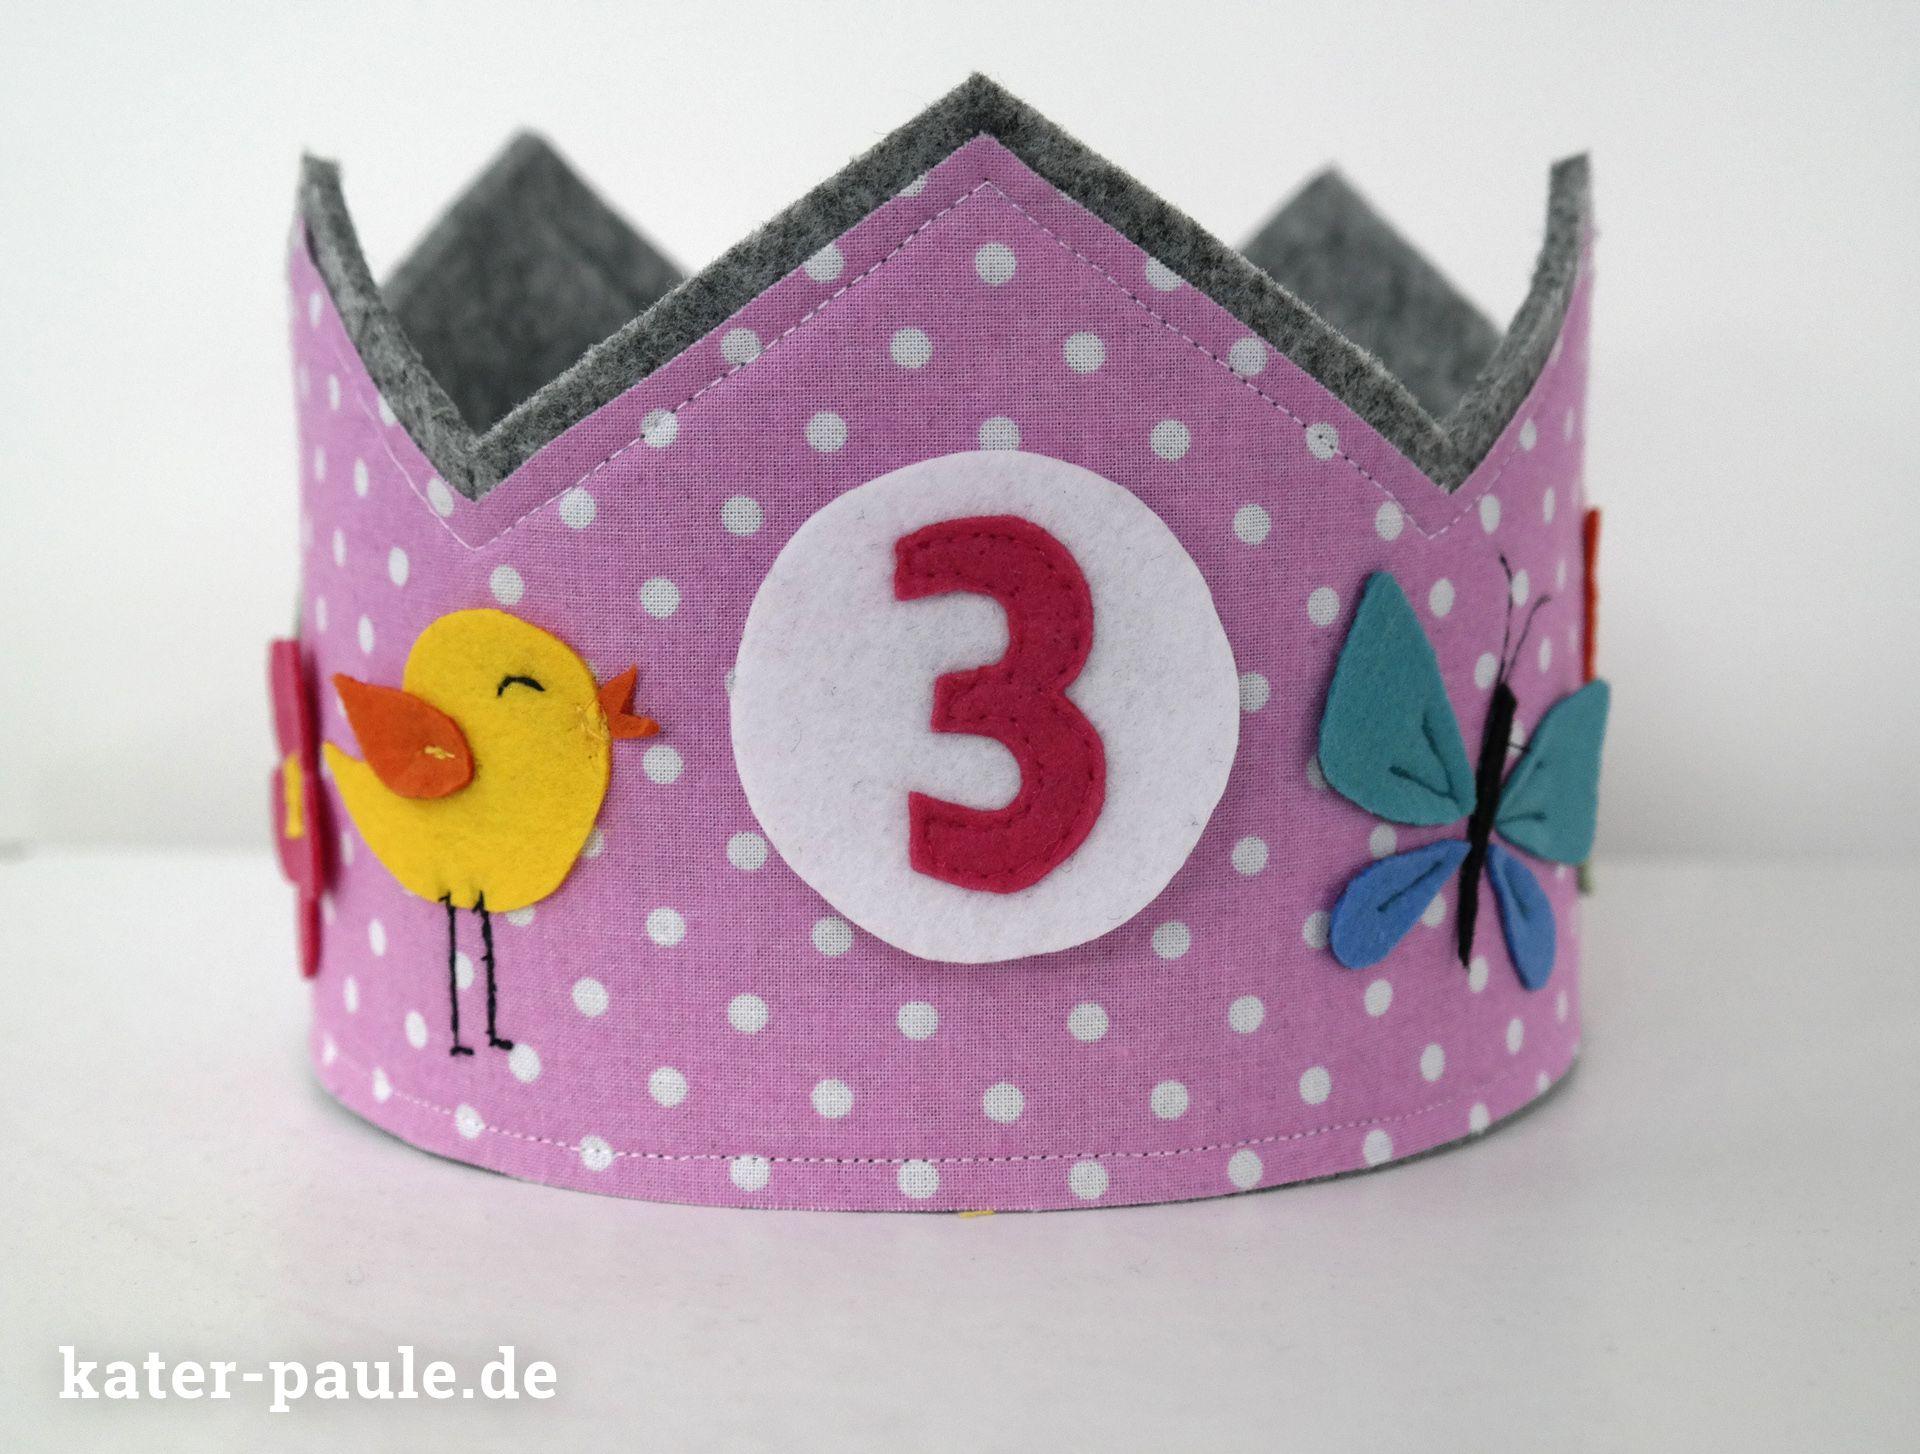 Kater Paule | Geburtstagskrone - Prinzessin für einen Tag